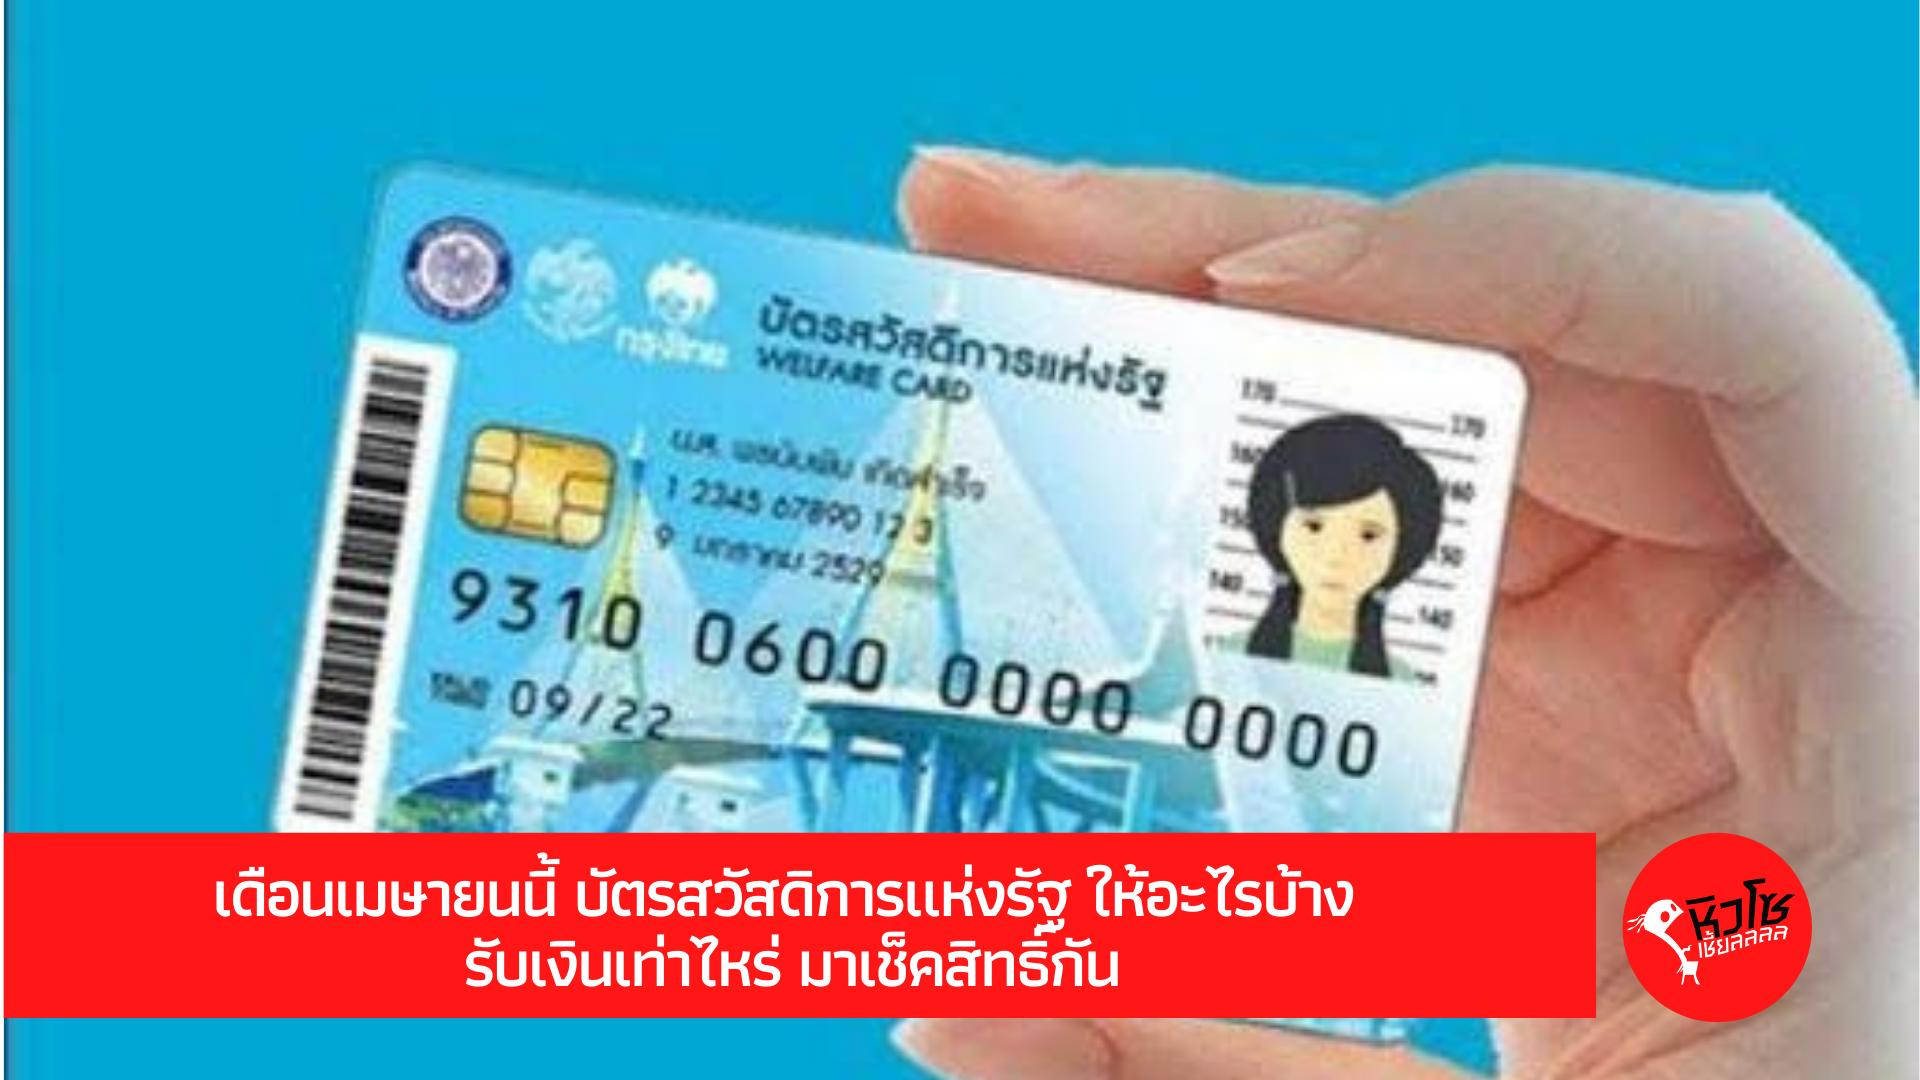 เดือนเมษายนนี้ บัตรสวัสดิการแห่งรัฐ ให้อะไรบ้าง รับเงินเท่าไหร่ มาเช็คสิทธิ์กัน